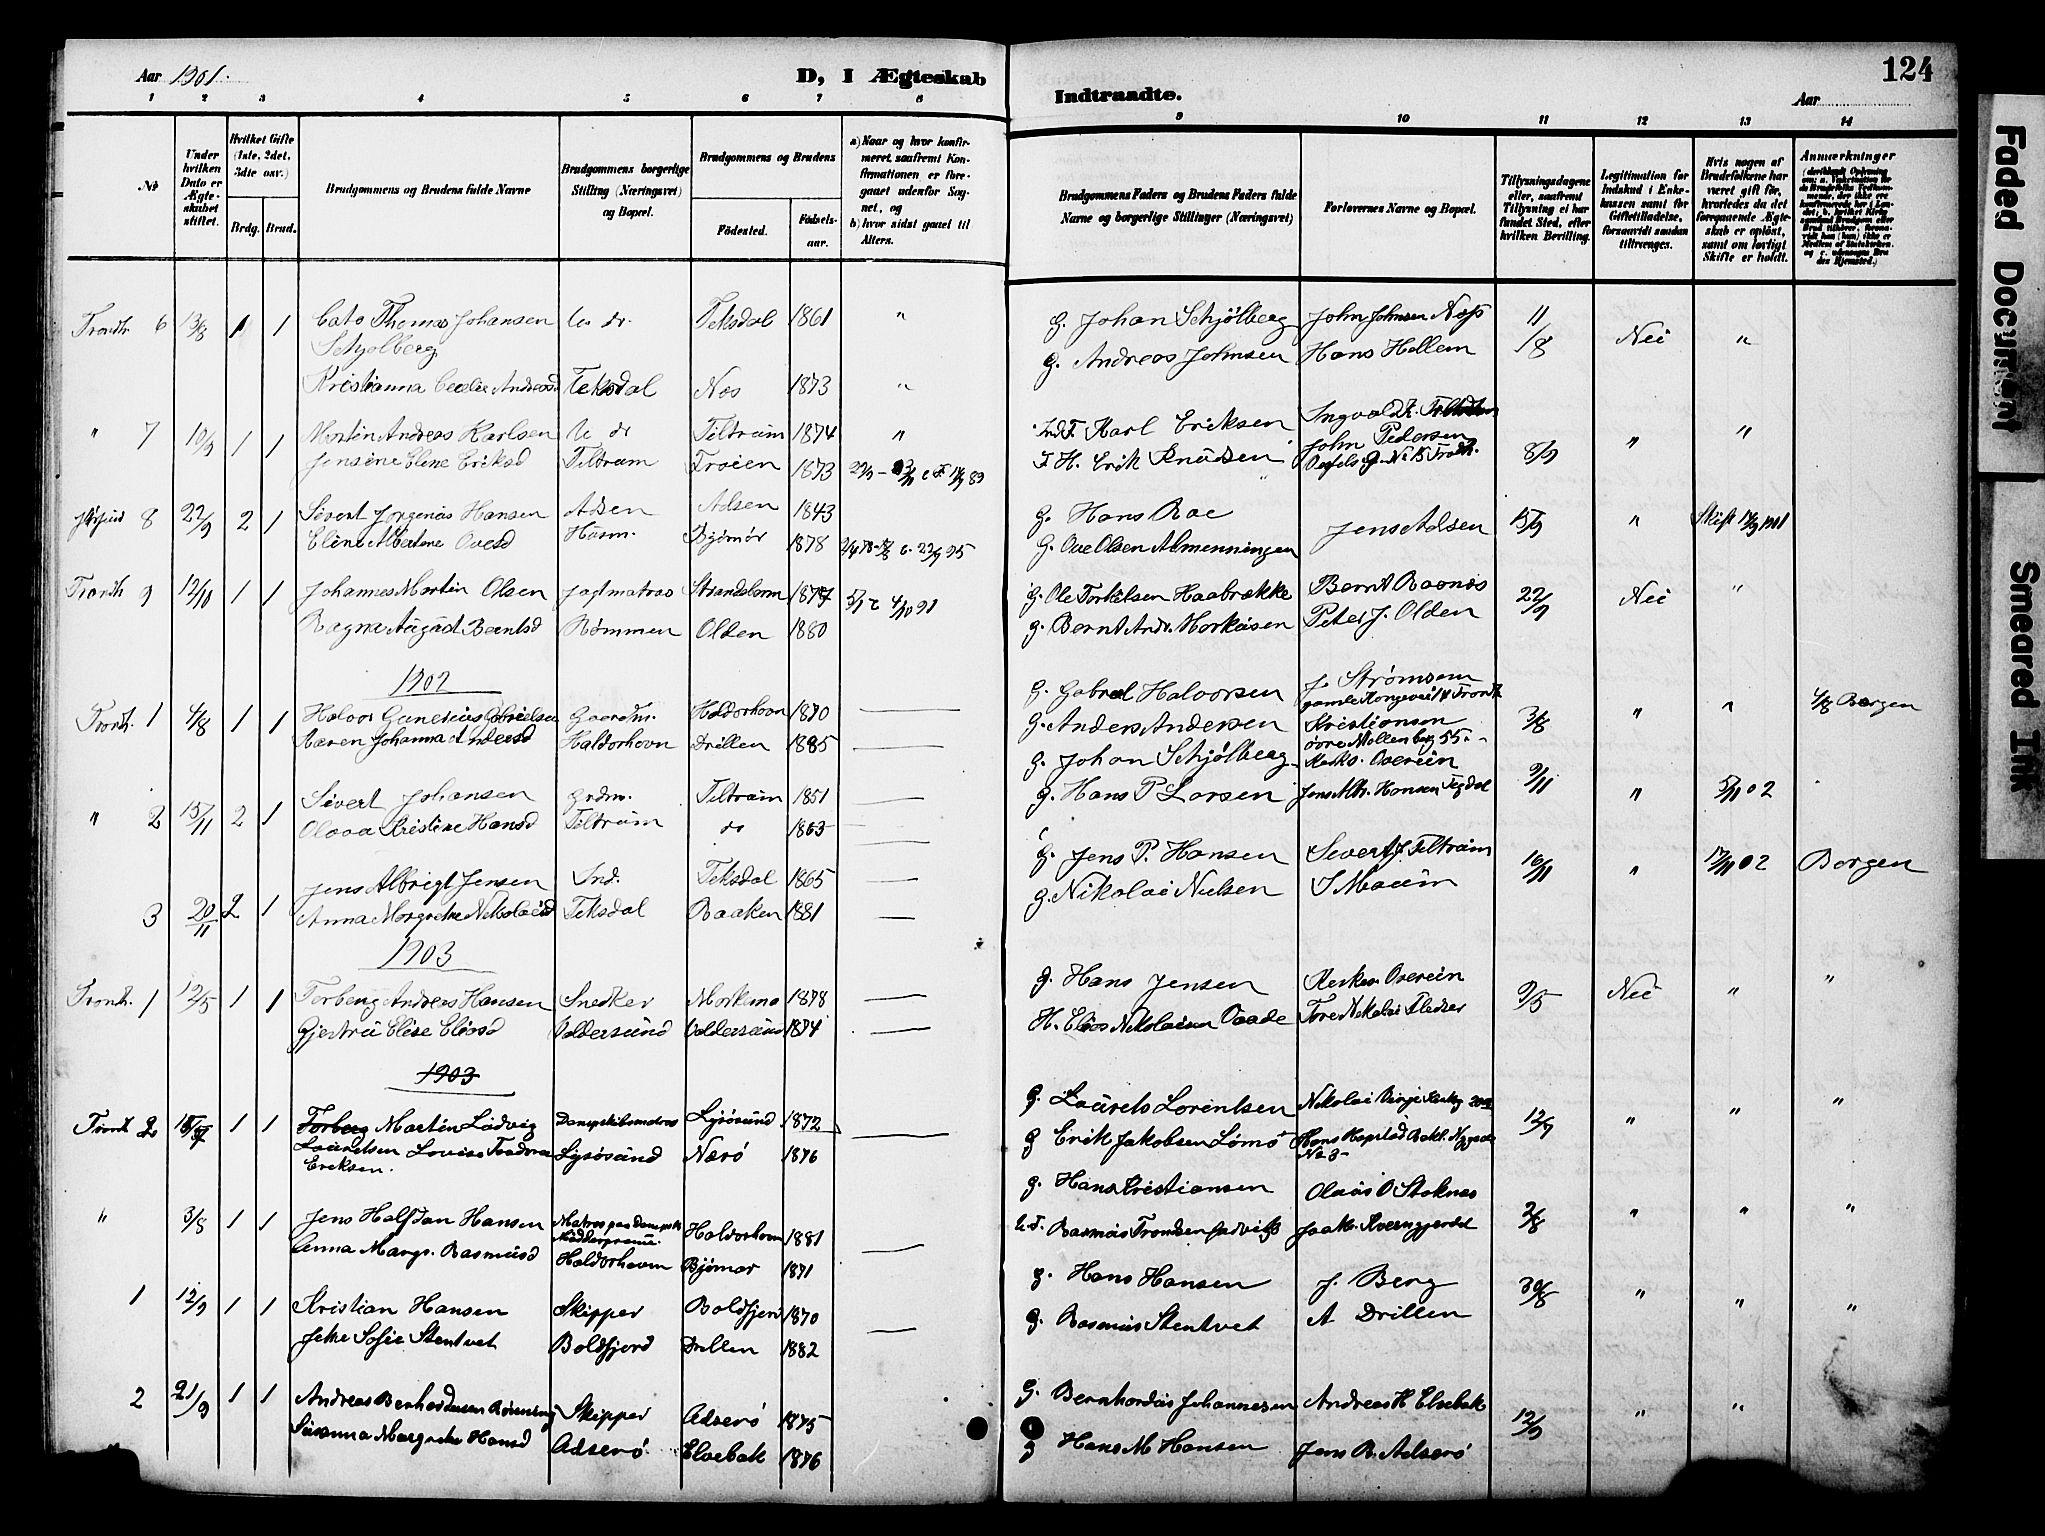 SAT, Ministerialprotokoller, klokkerbøker og fødselsregistre - Sør-Trøndelag, 654/L0666: Klokkerbok nr. 654C02, 1901-1925, s. 124